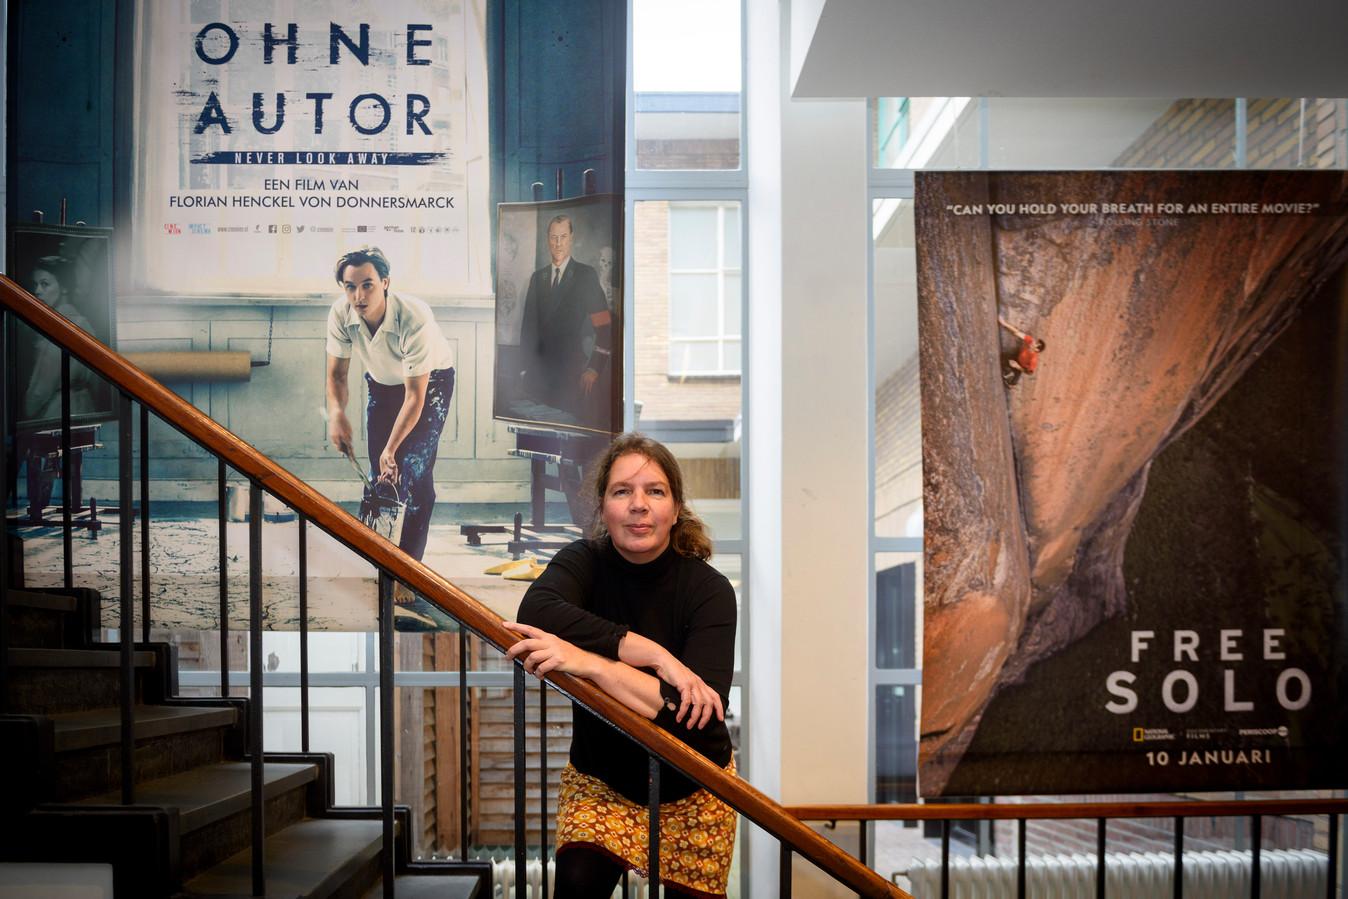 Ilona van Heeckeren, directeur van het film/theaterhuis Natlab.